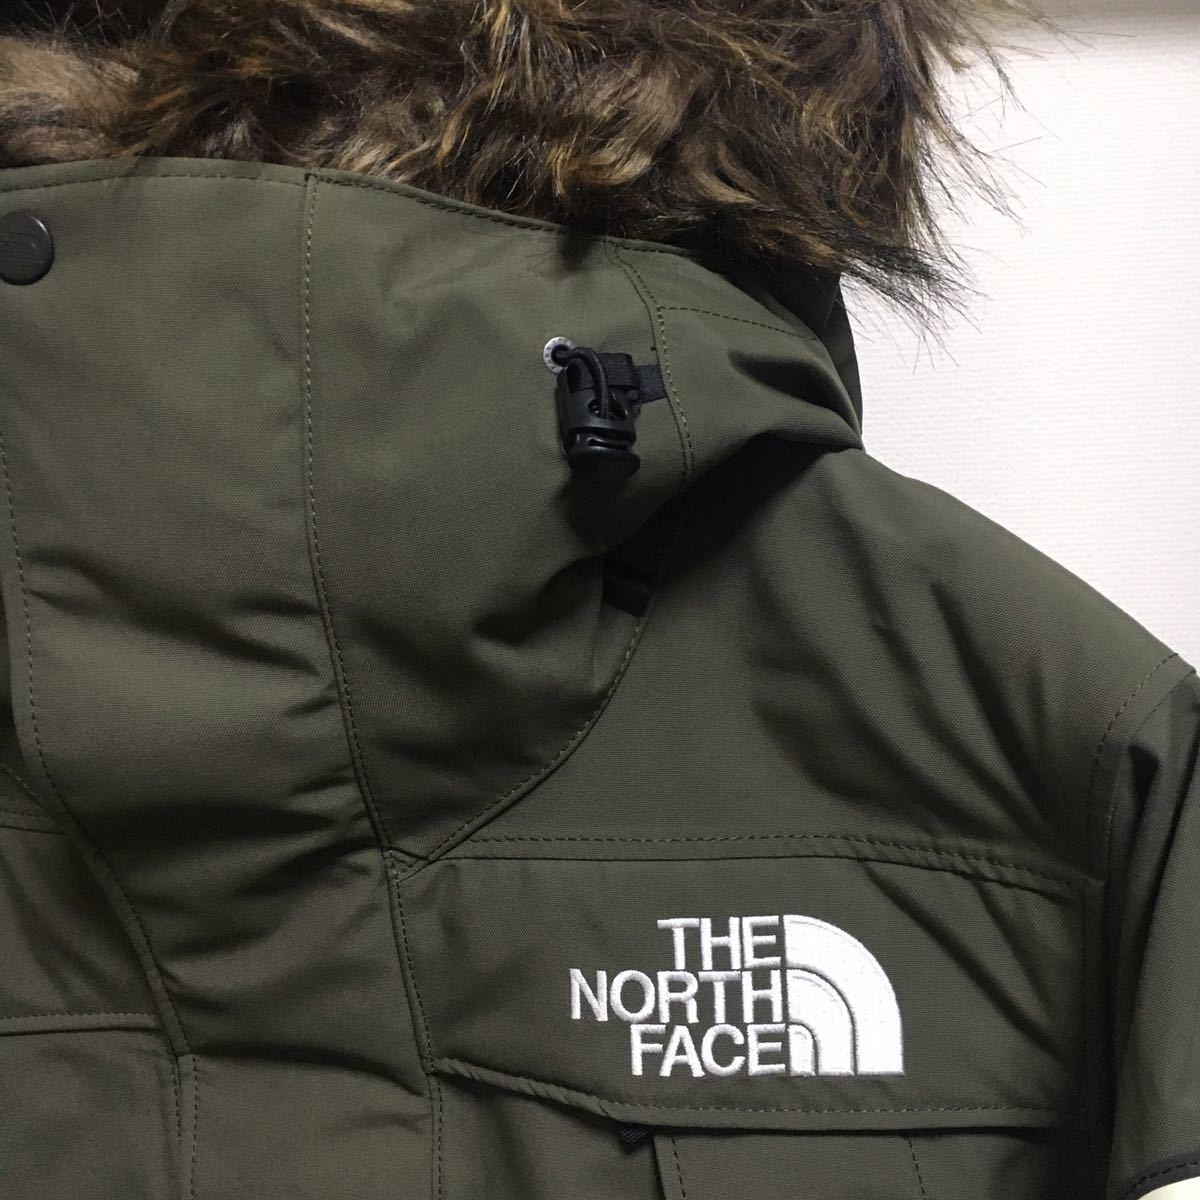 19AW 新品正規品【XSサイズ】THE NORTH FACE ノースフェイス アンタークティカパーカ ND91807 アンタークティカパーカー ニュートープ 希少_画像4